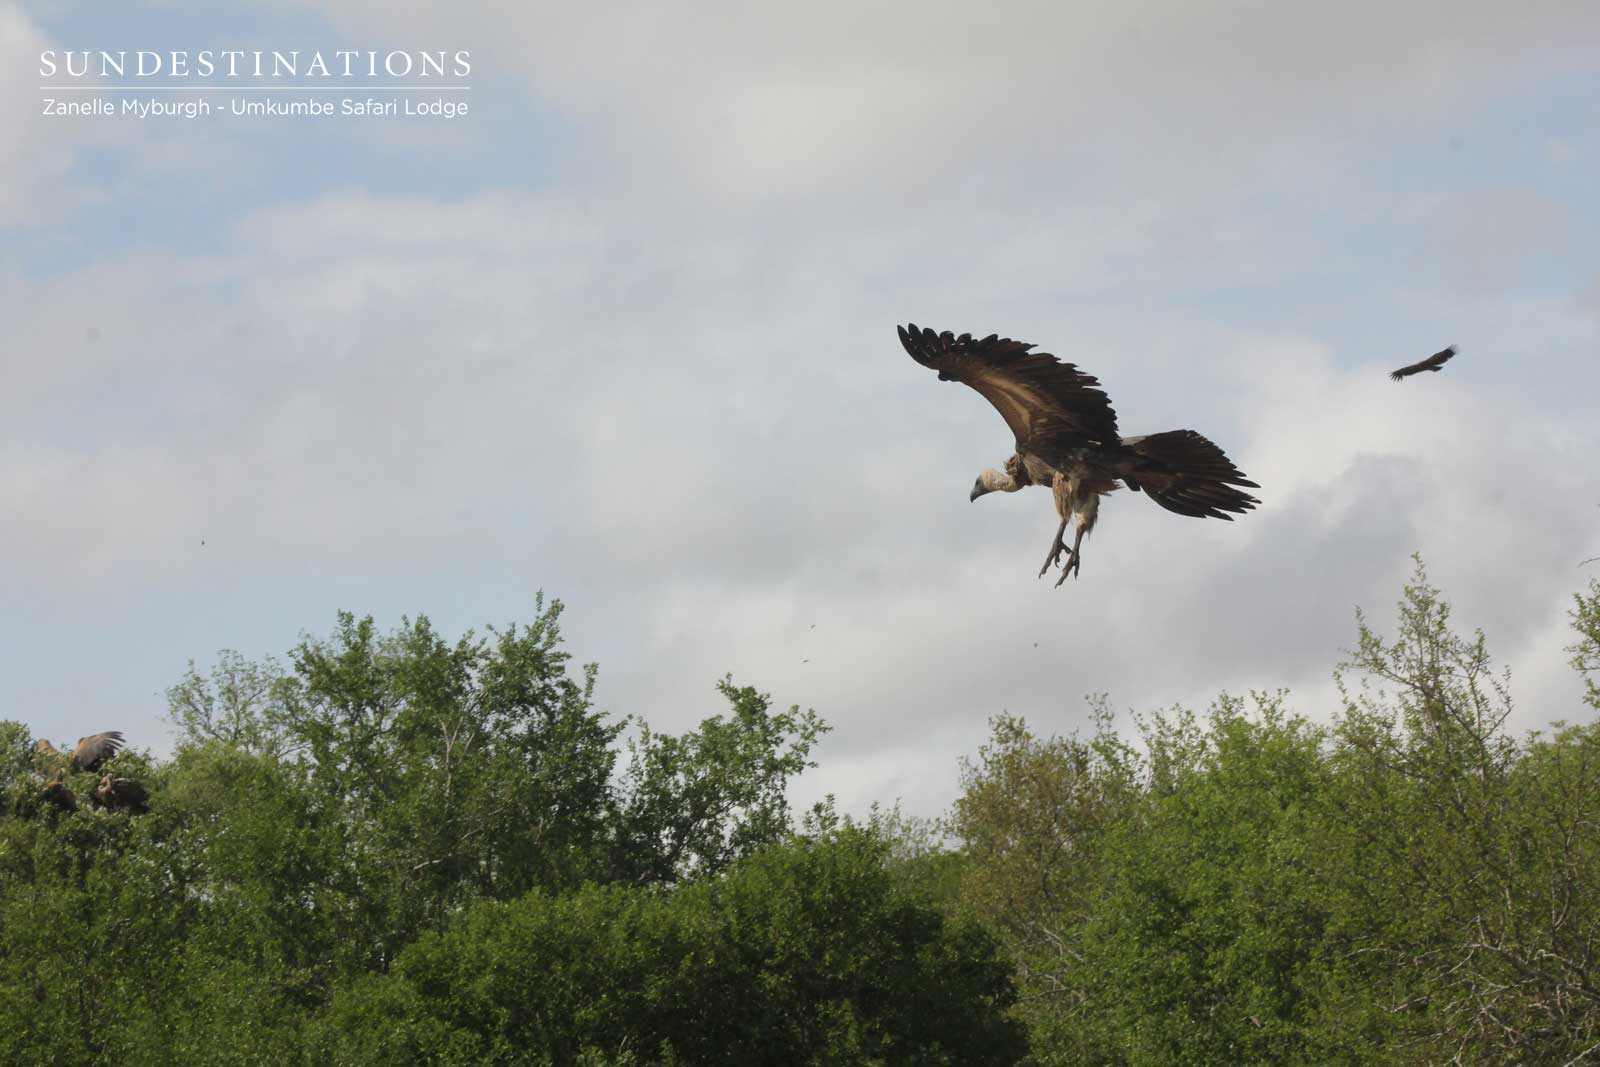 Vulture Descends on Prey